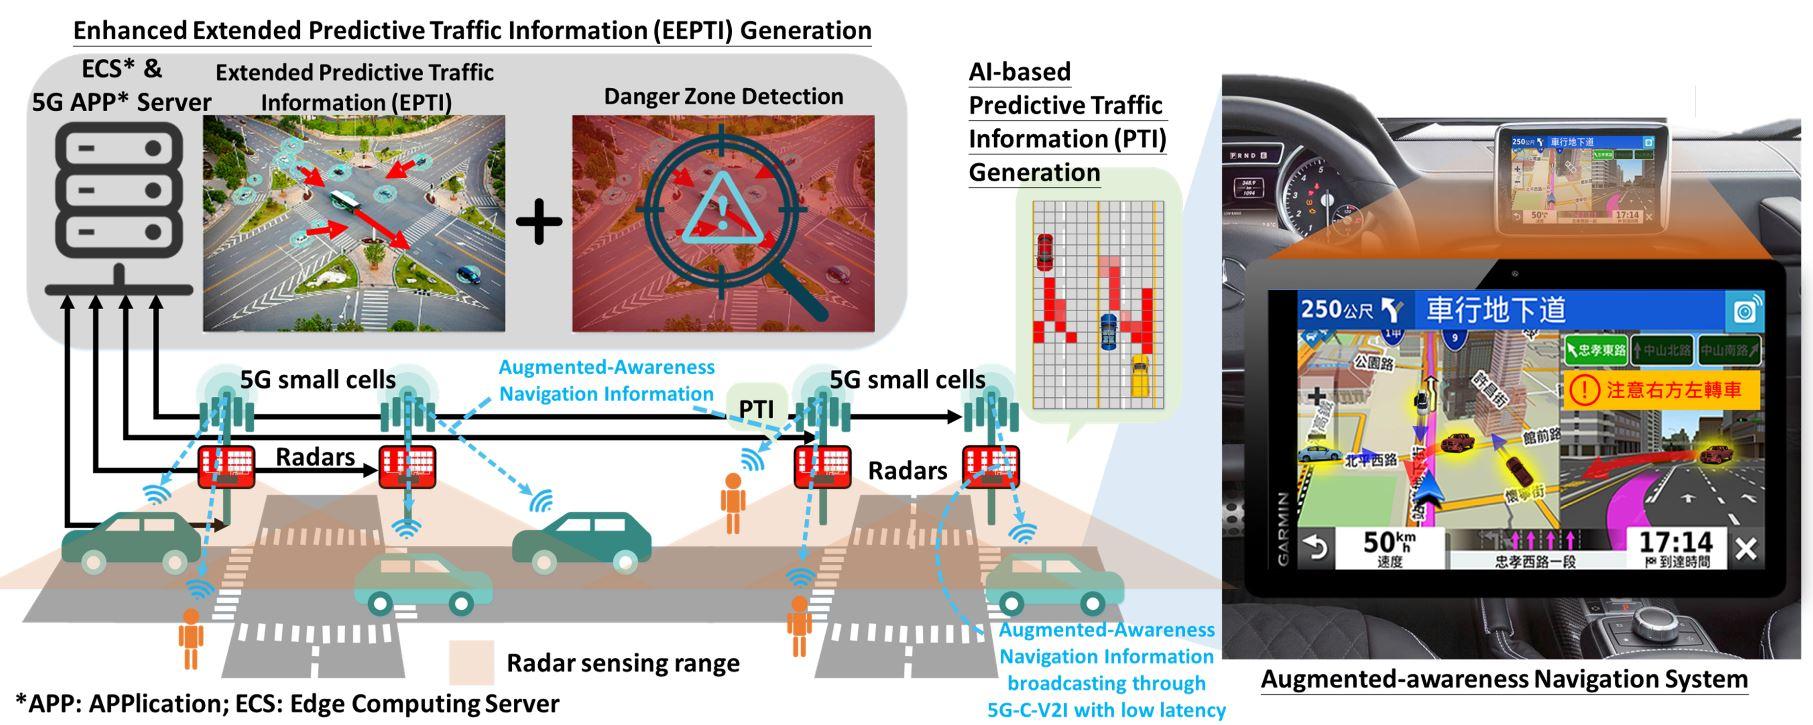 基於5G C-V2I之智慧即時車輛行動軌跡預測與預警系統